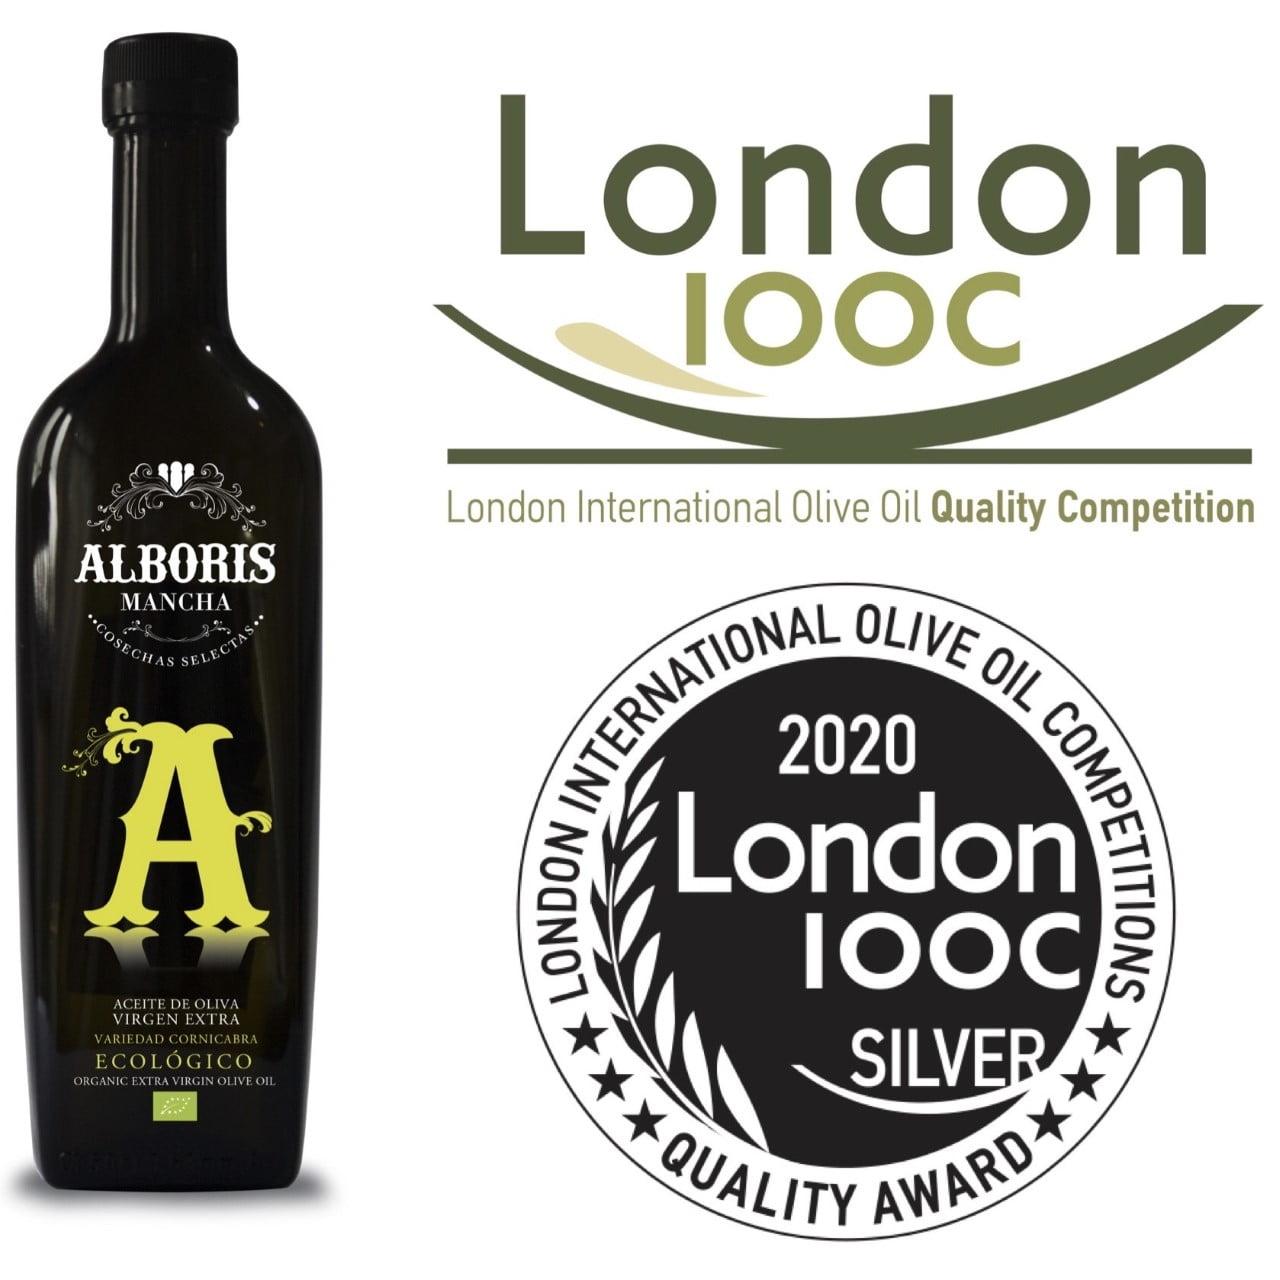 Nuestro aove ecológico cornicabra premiado en Londres